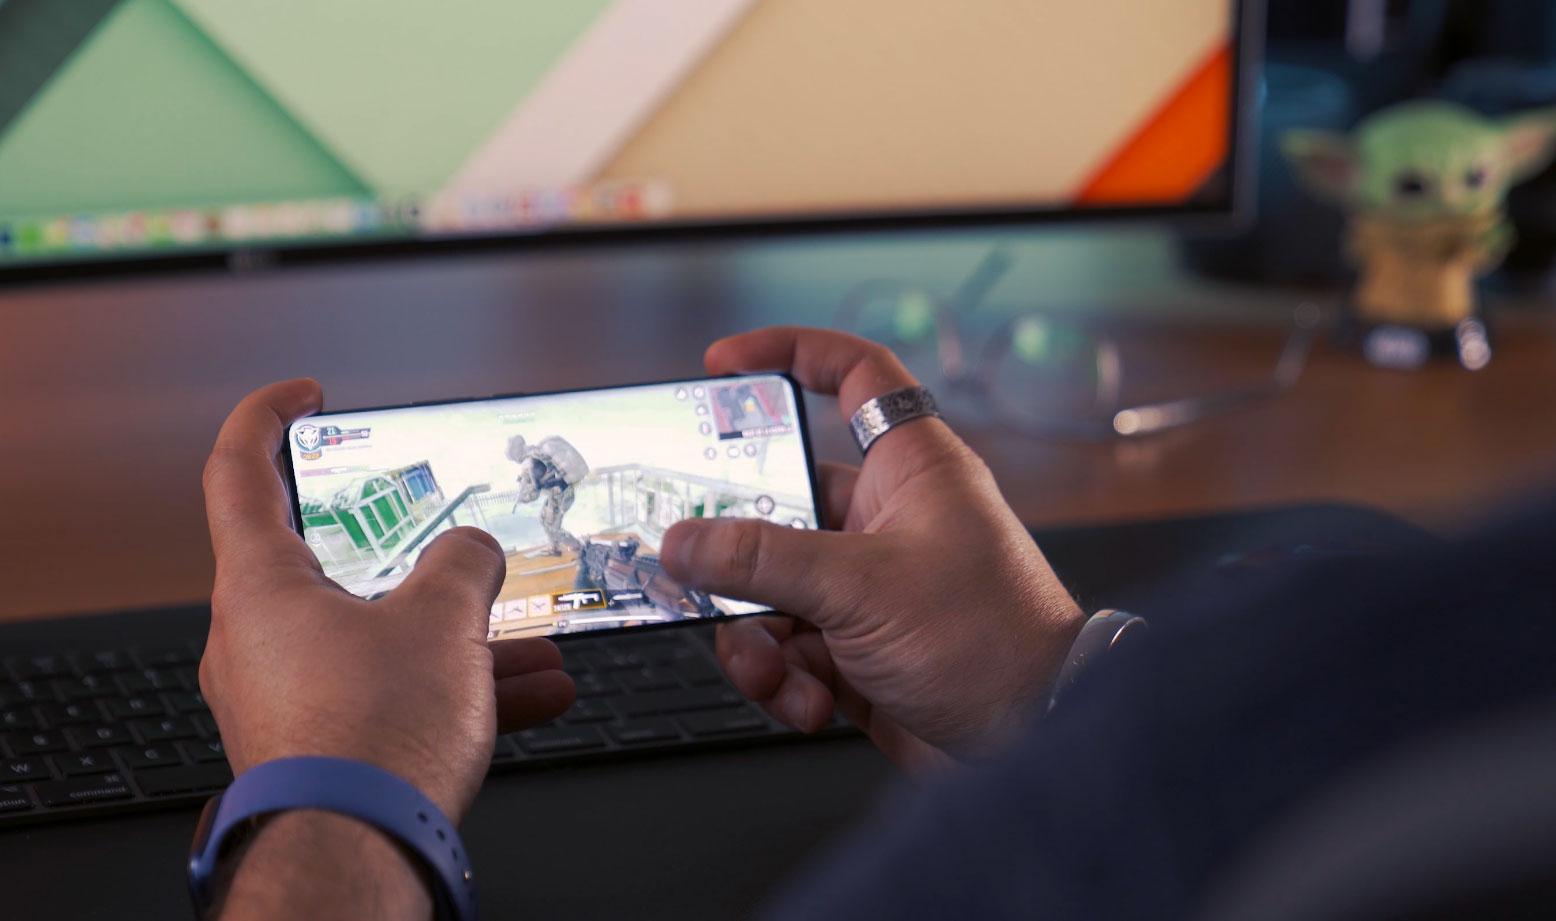 Le Vivo X51 5G n'a aucun mal à faire tourner les gros jeux du moment